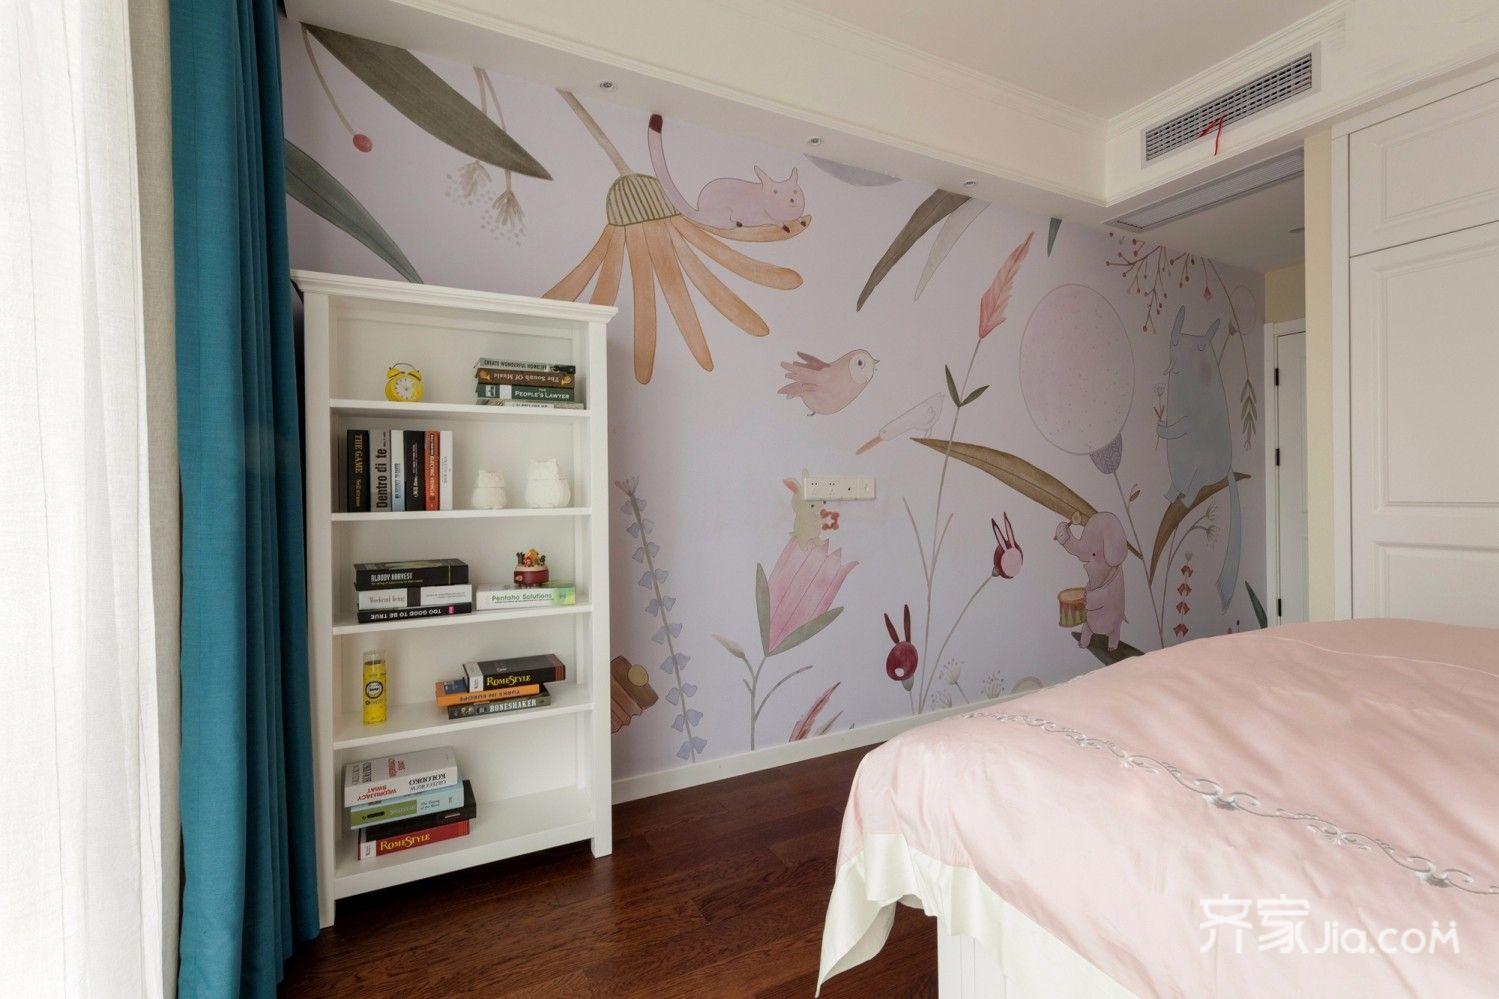 简约的淡灰色壁纸与木色地板的色彩搭配给人一种跳跃的气息.